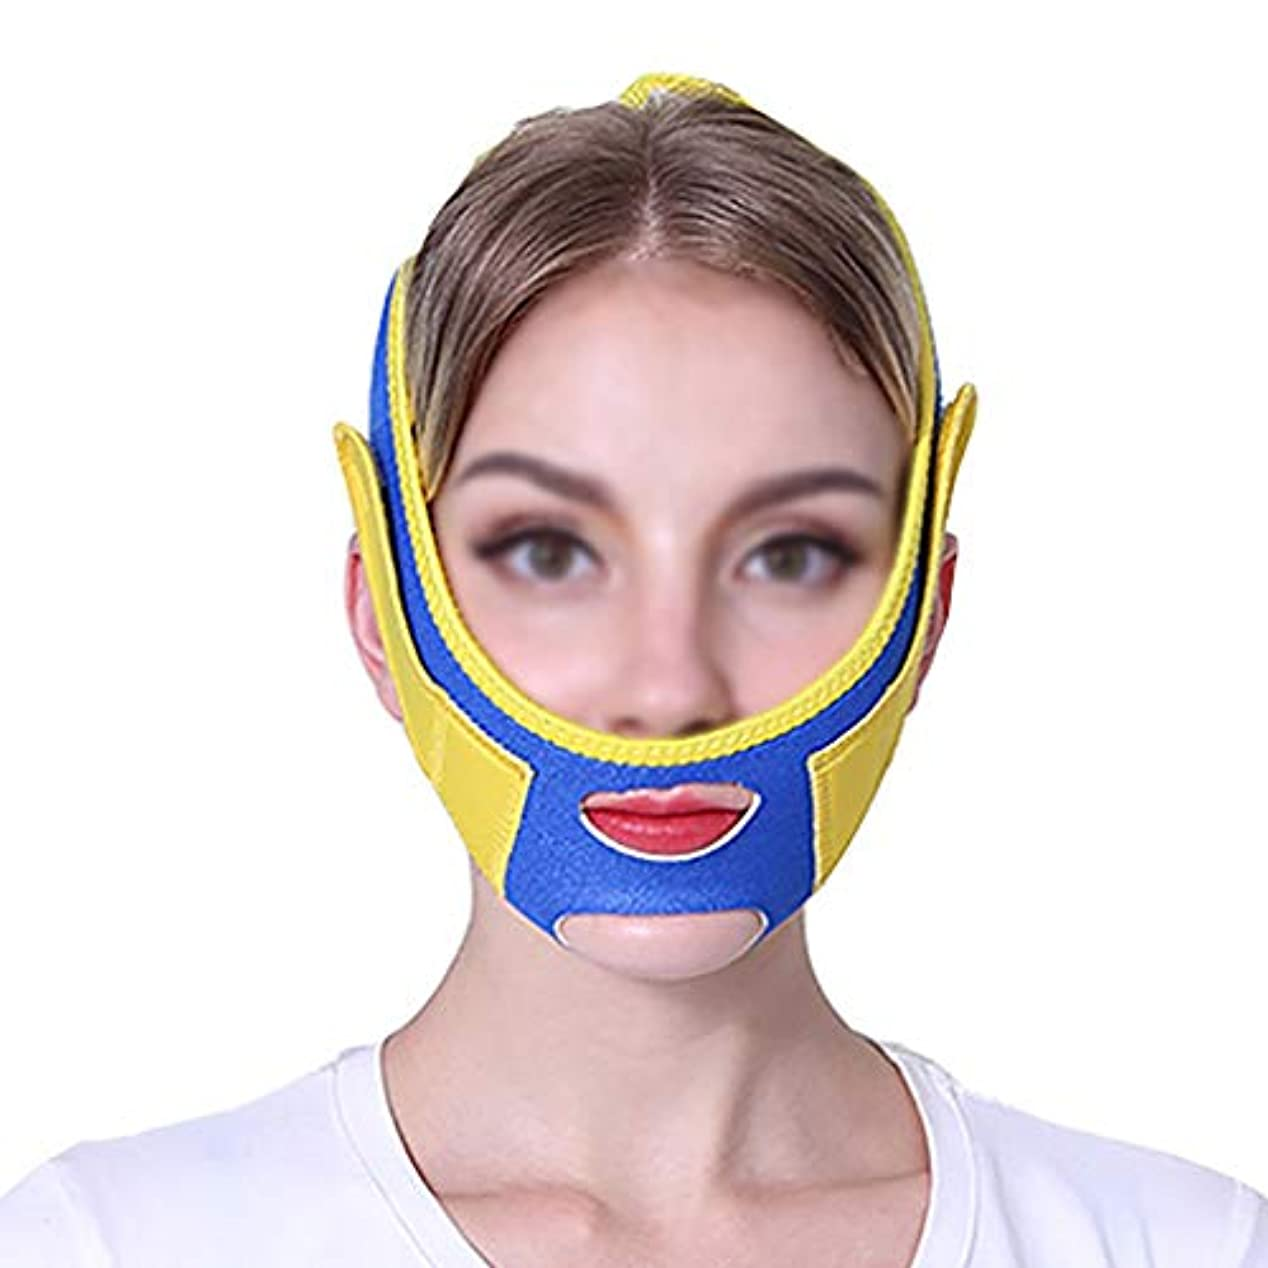 レビュー学んだ十一TLMY ファーミングマスクスモールvフェイスアーティファクトリフティングマスクフェイスリフティングフェイスリフティングマスクファーミングクリームフェイシャルリフティング包帯 顔用整形マスク